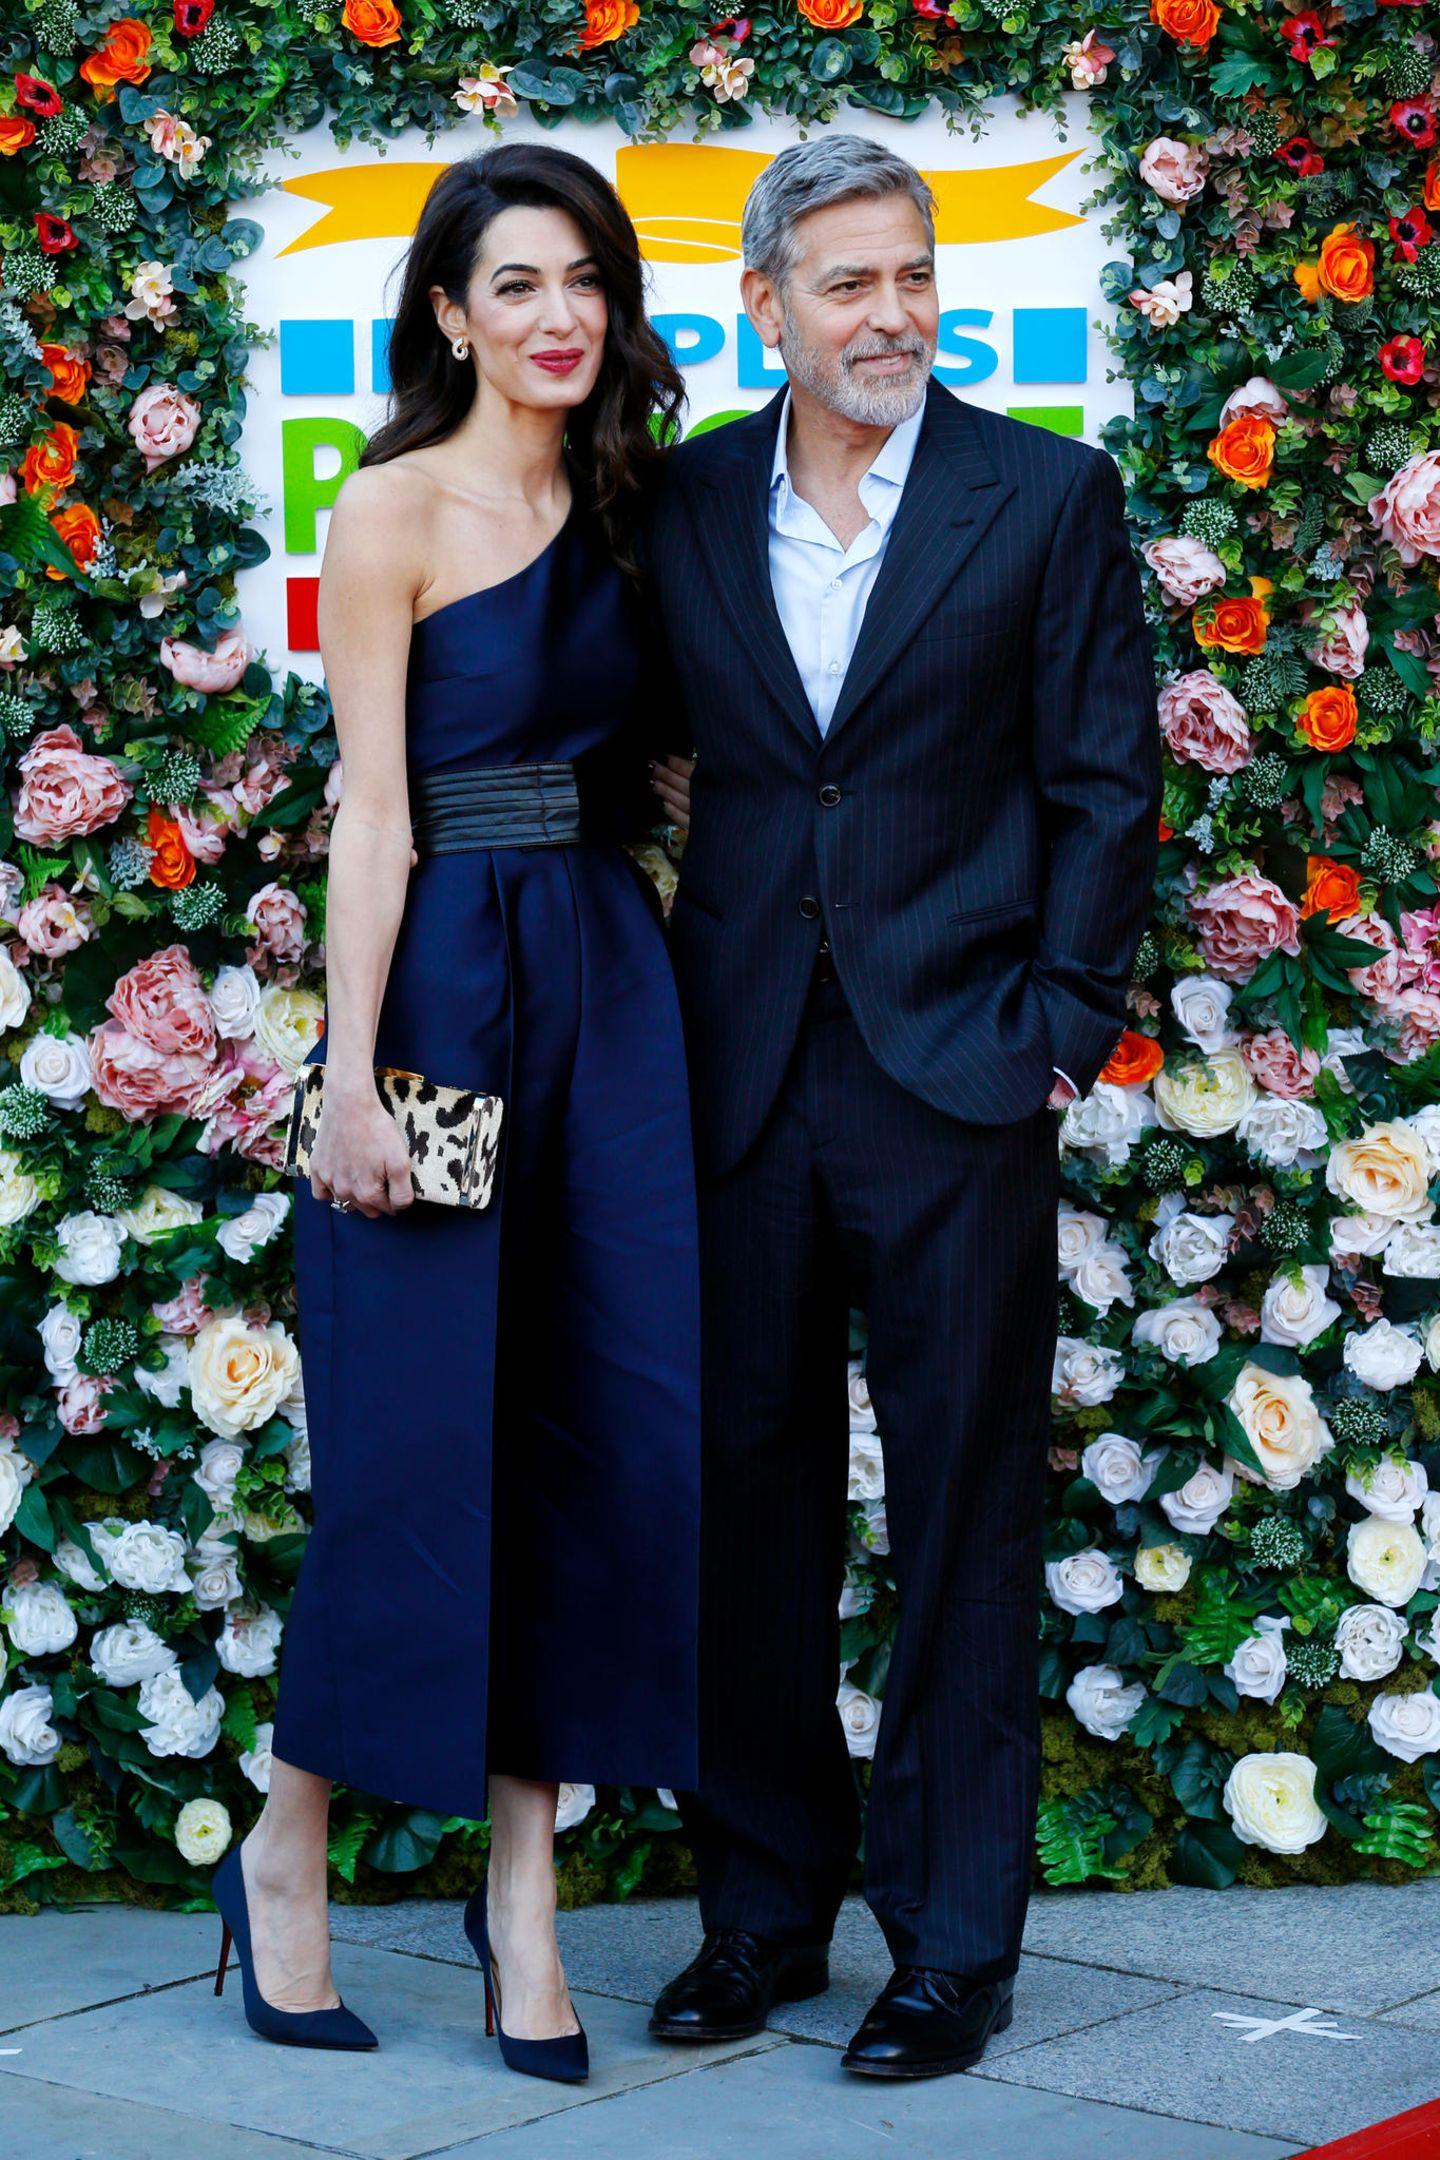 Bei einer Galaam 14. März 2019 in Edinburgh zeigt sich Amal Clooney in einem eleganten One-Shoulder-Jumpsuit von Stella McCartney aus Satin. Ein schwarzer Taillengürtel betont zusätzlich die schlanke Silhouetteder 41-Jährigen – dunkelblauePumps lassen den Look außerdem glamourös wirken.